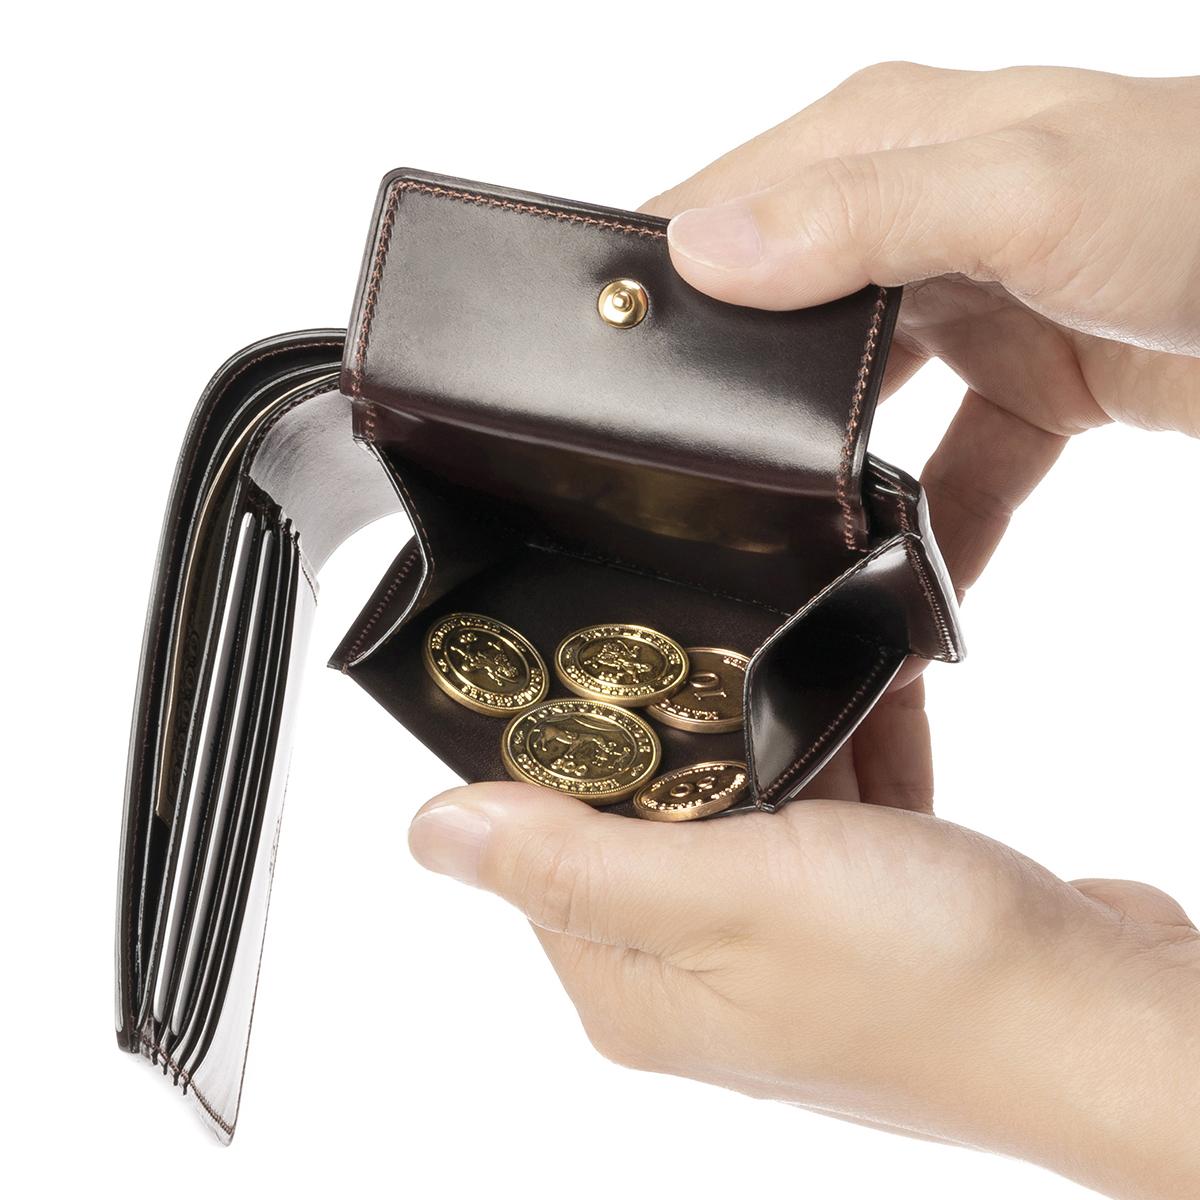 シェルコードバン ジョンブルの小銭入れ